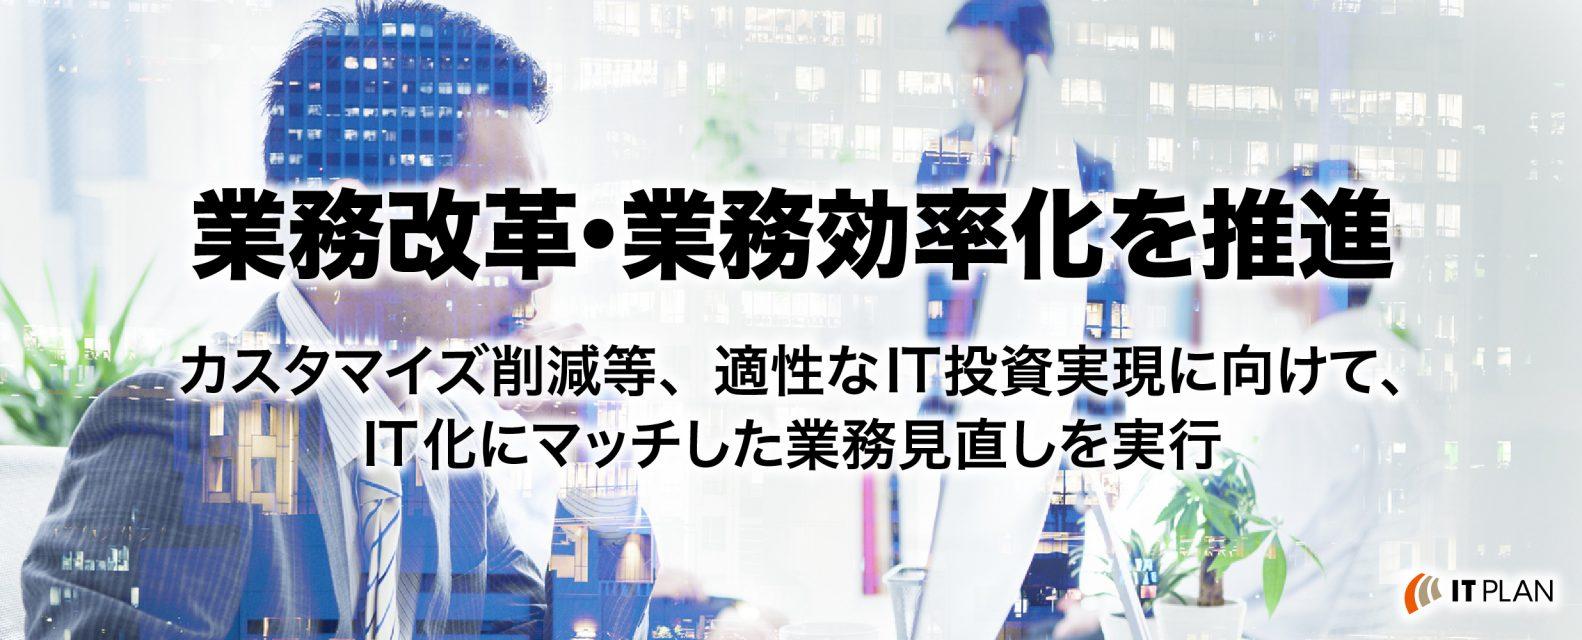 top-03-01